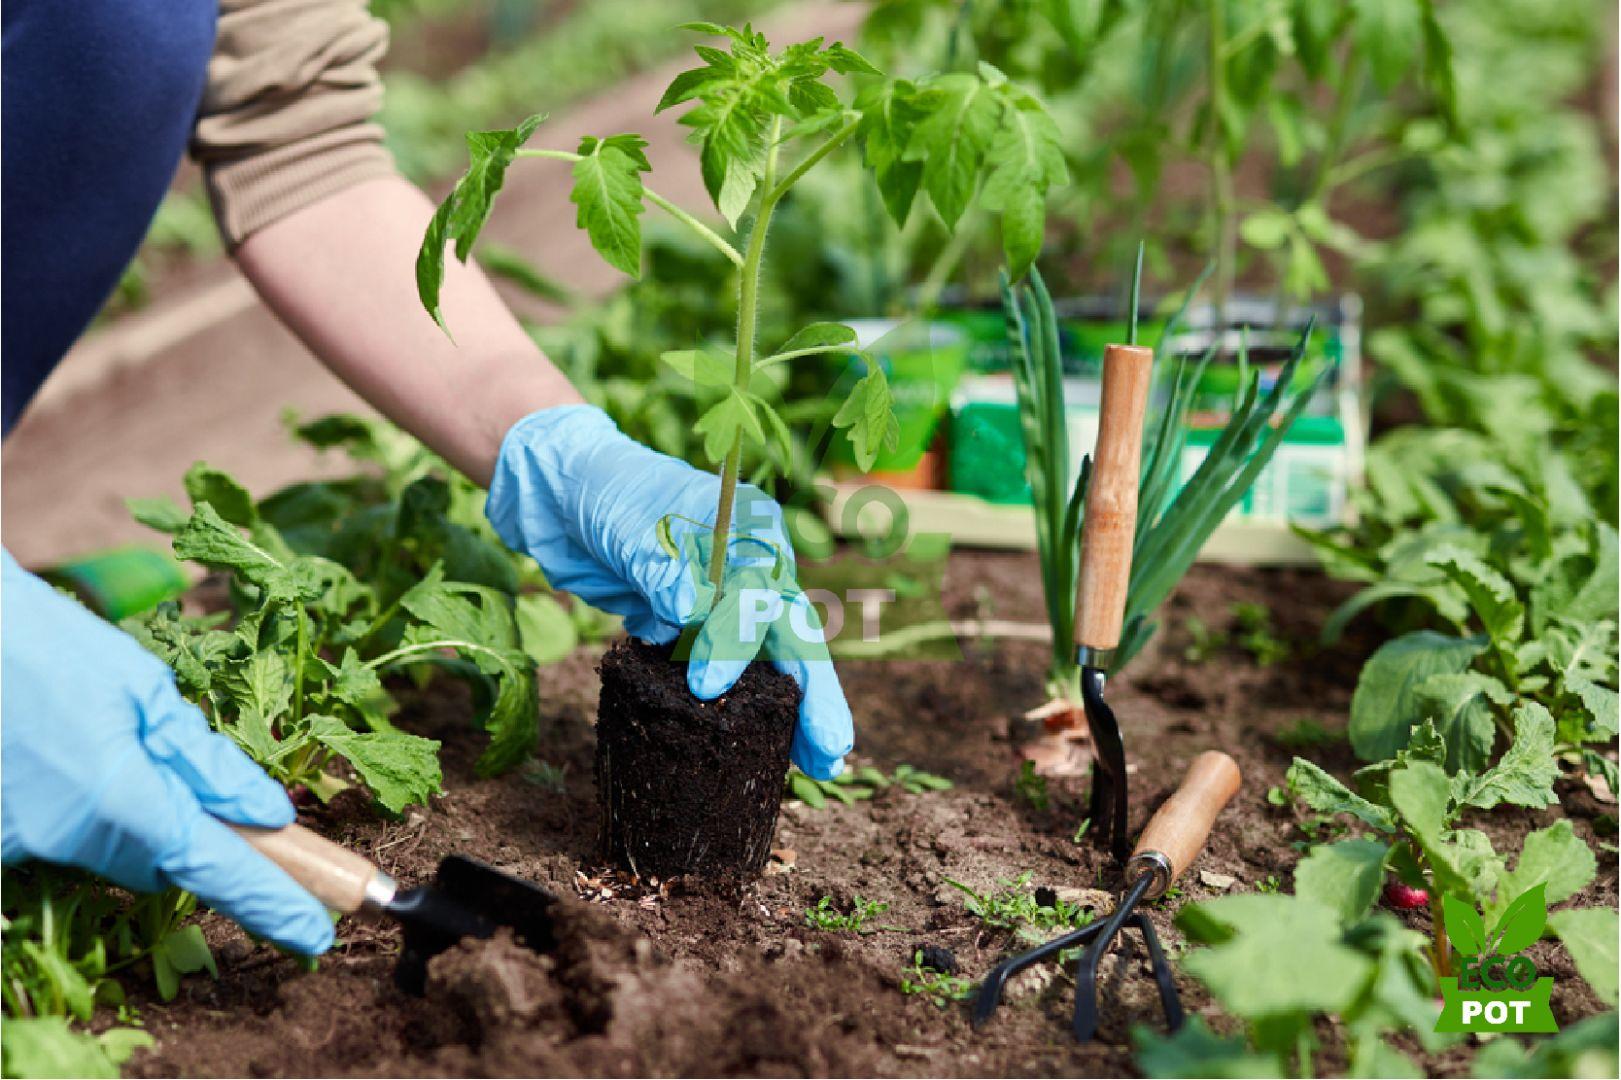 Bộ rễ khỏe mạnh giúp cây phát triển vượt trội